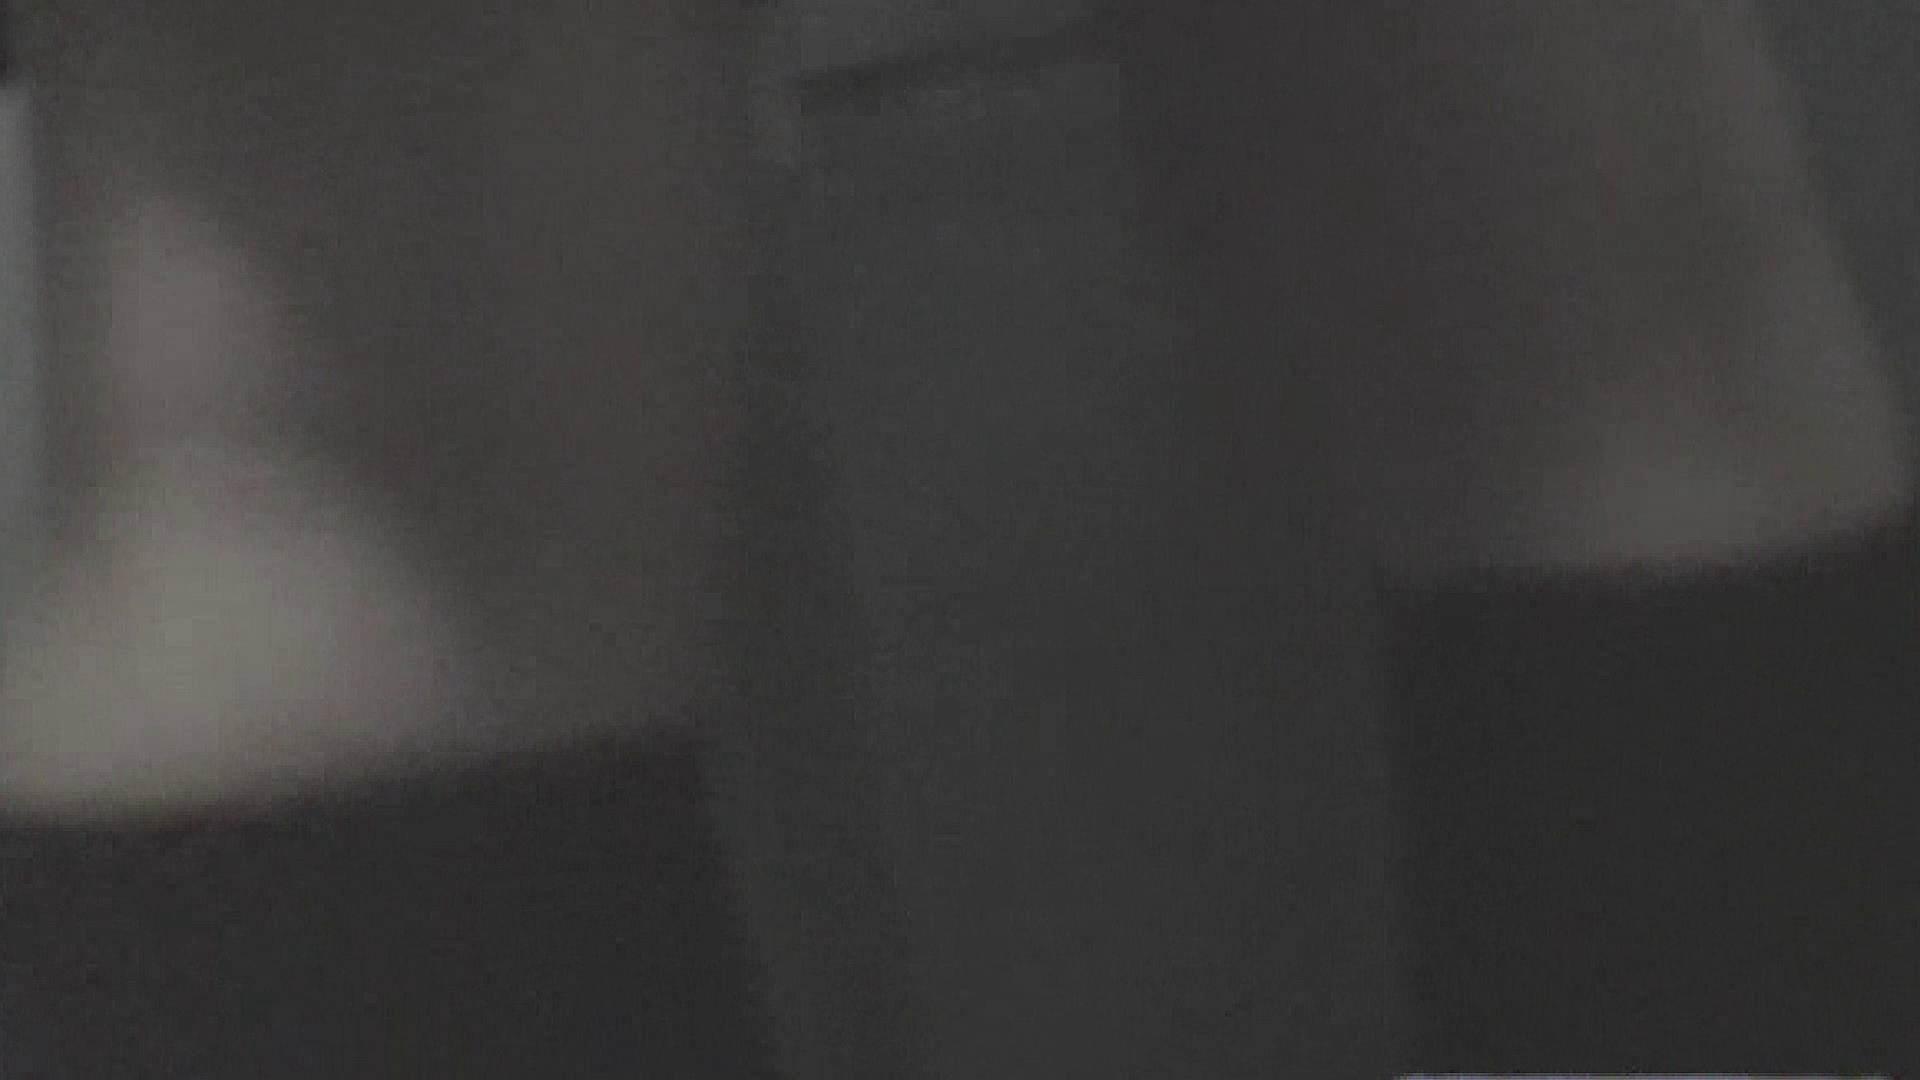 密室盗撮 vol.05 盗撮 のぞき動画画像 93画像 92